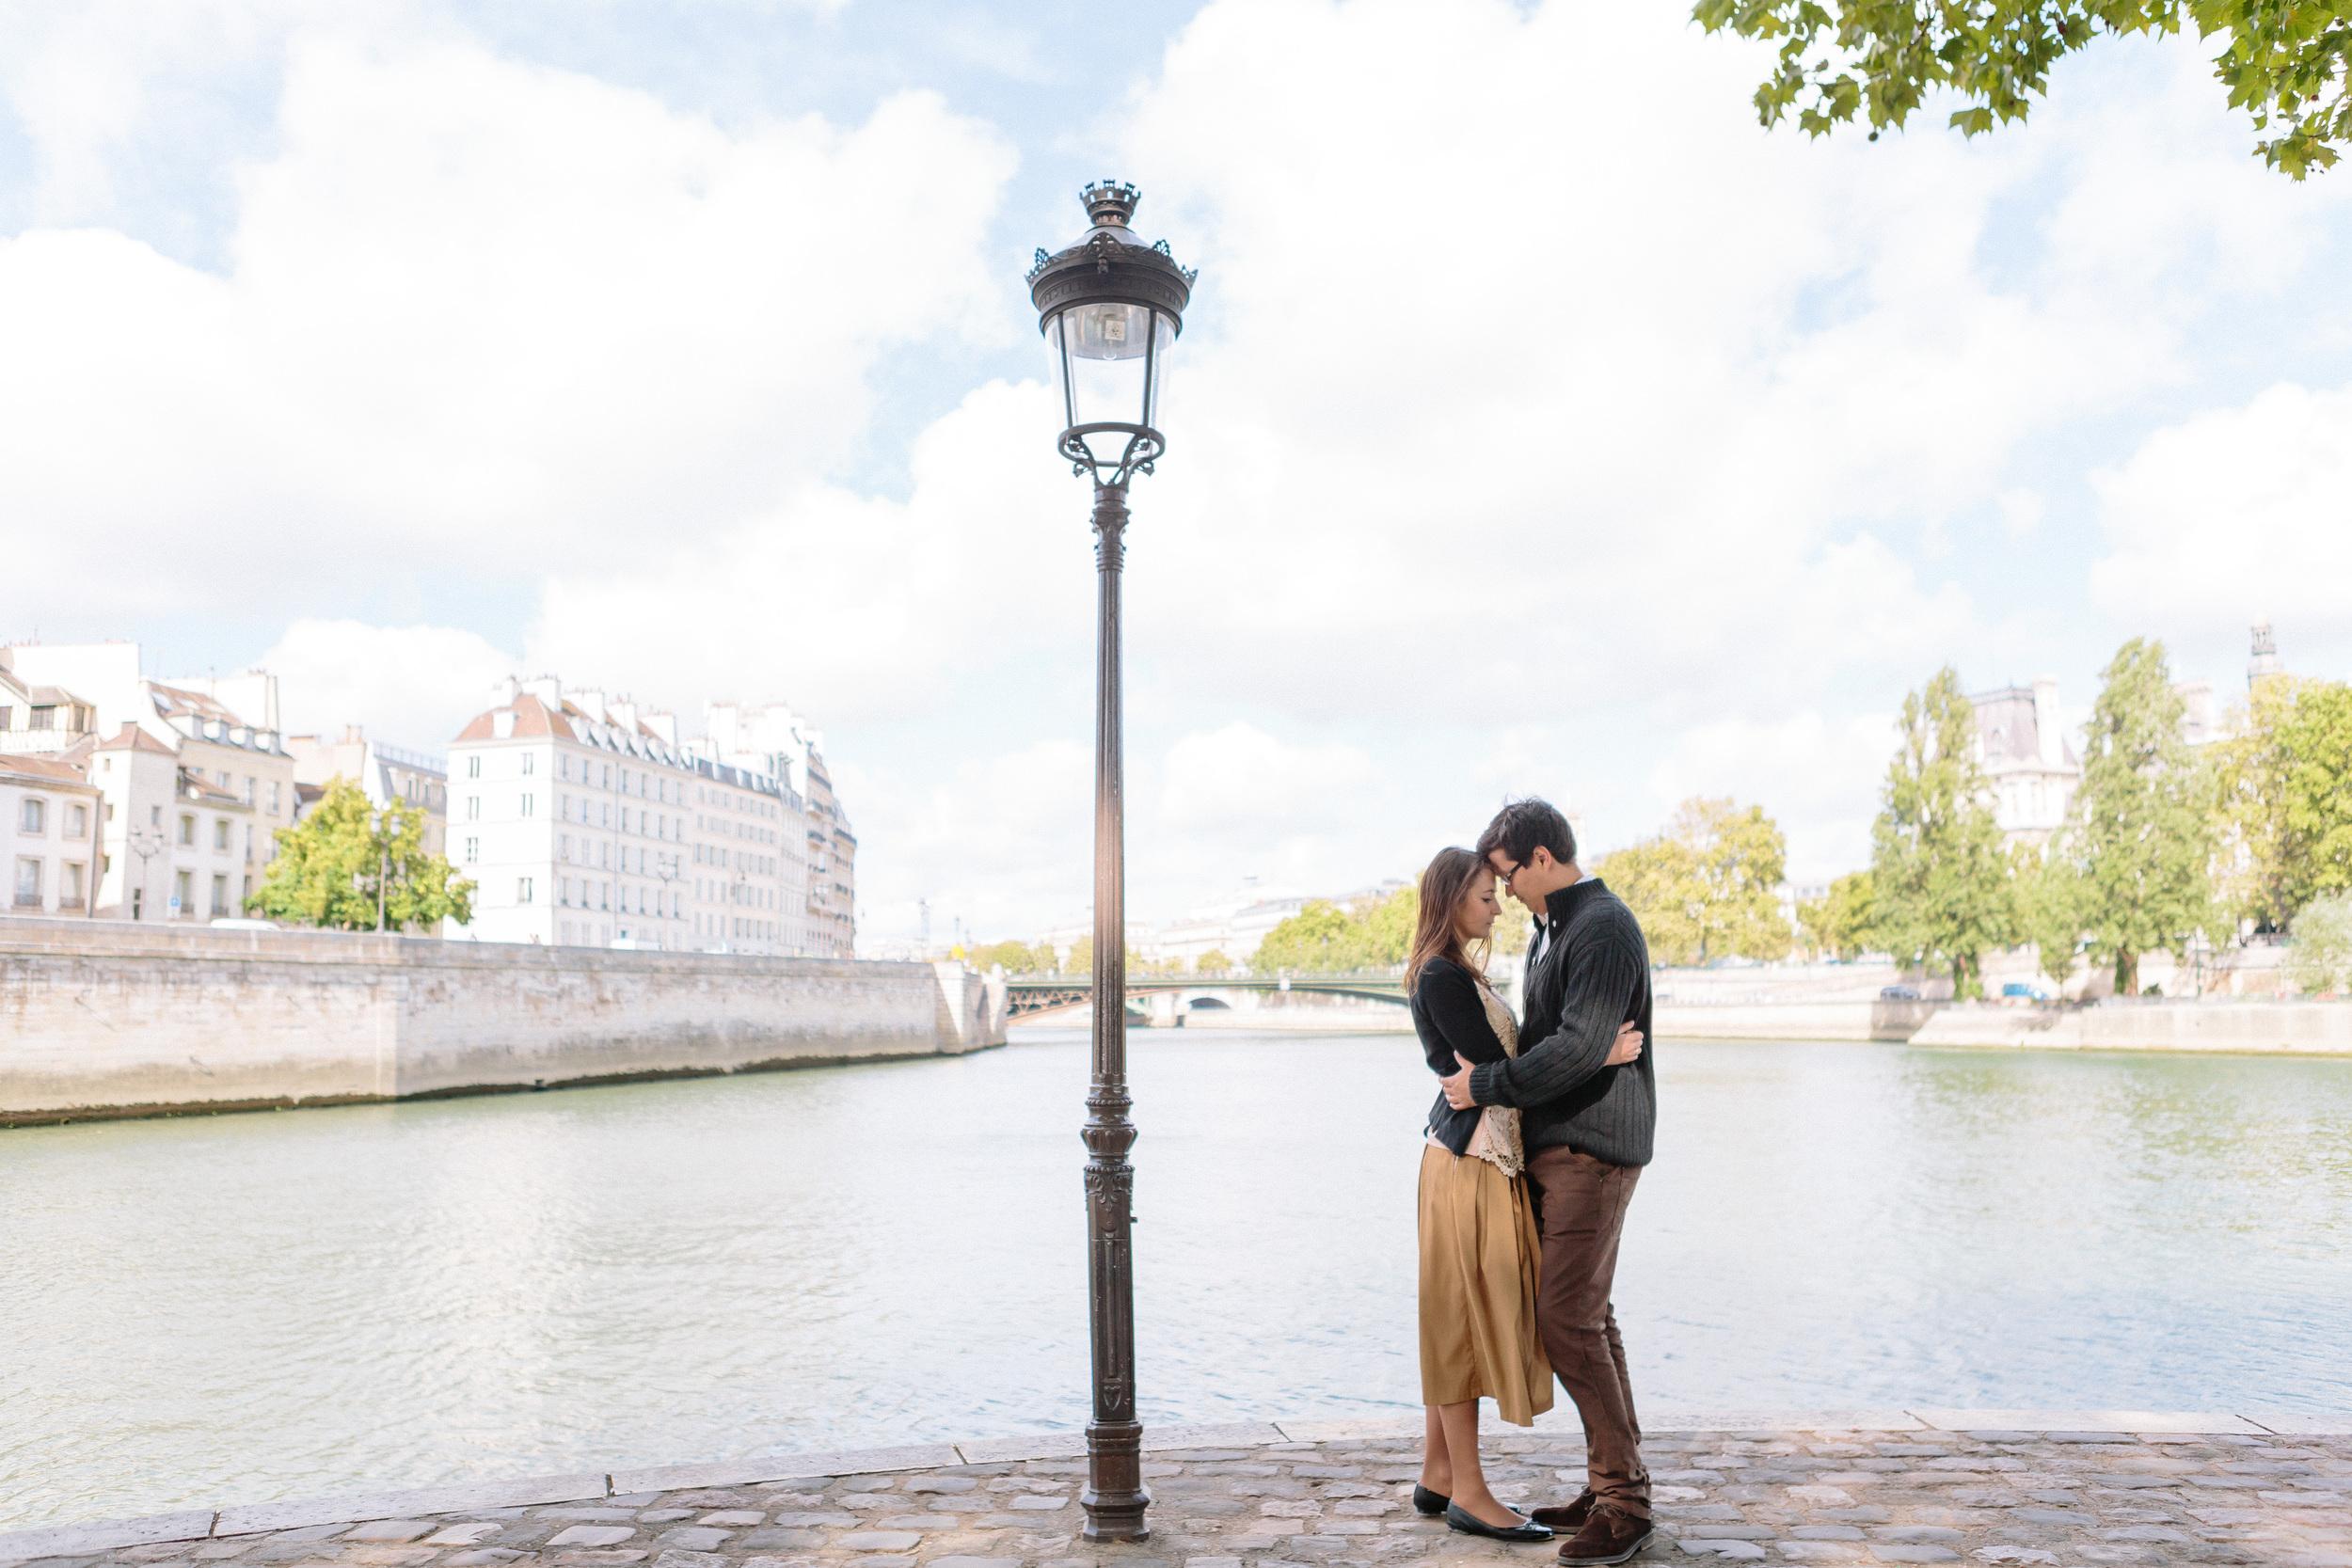 paris photographer engagement couple portrait by lamp post at ile saint louis by the seine river